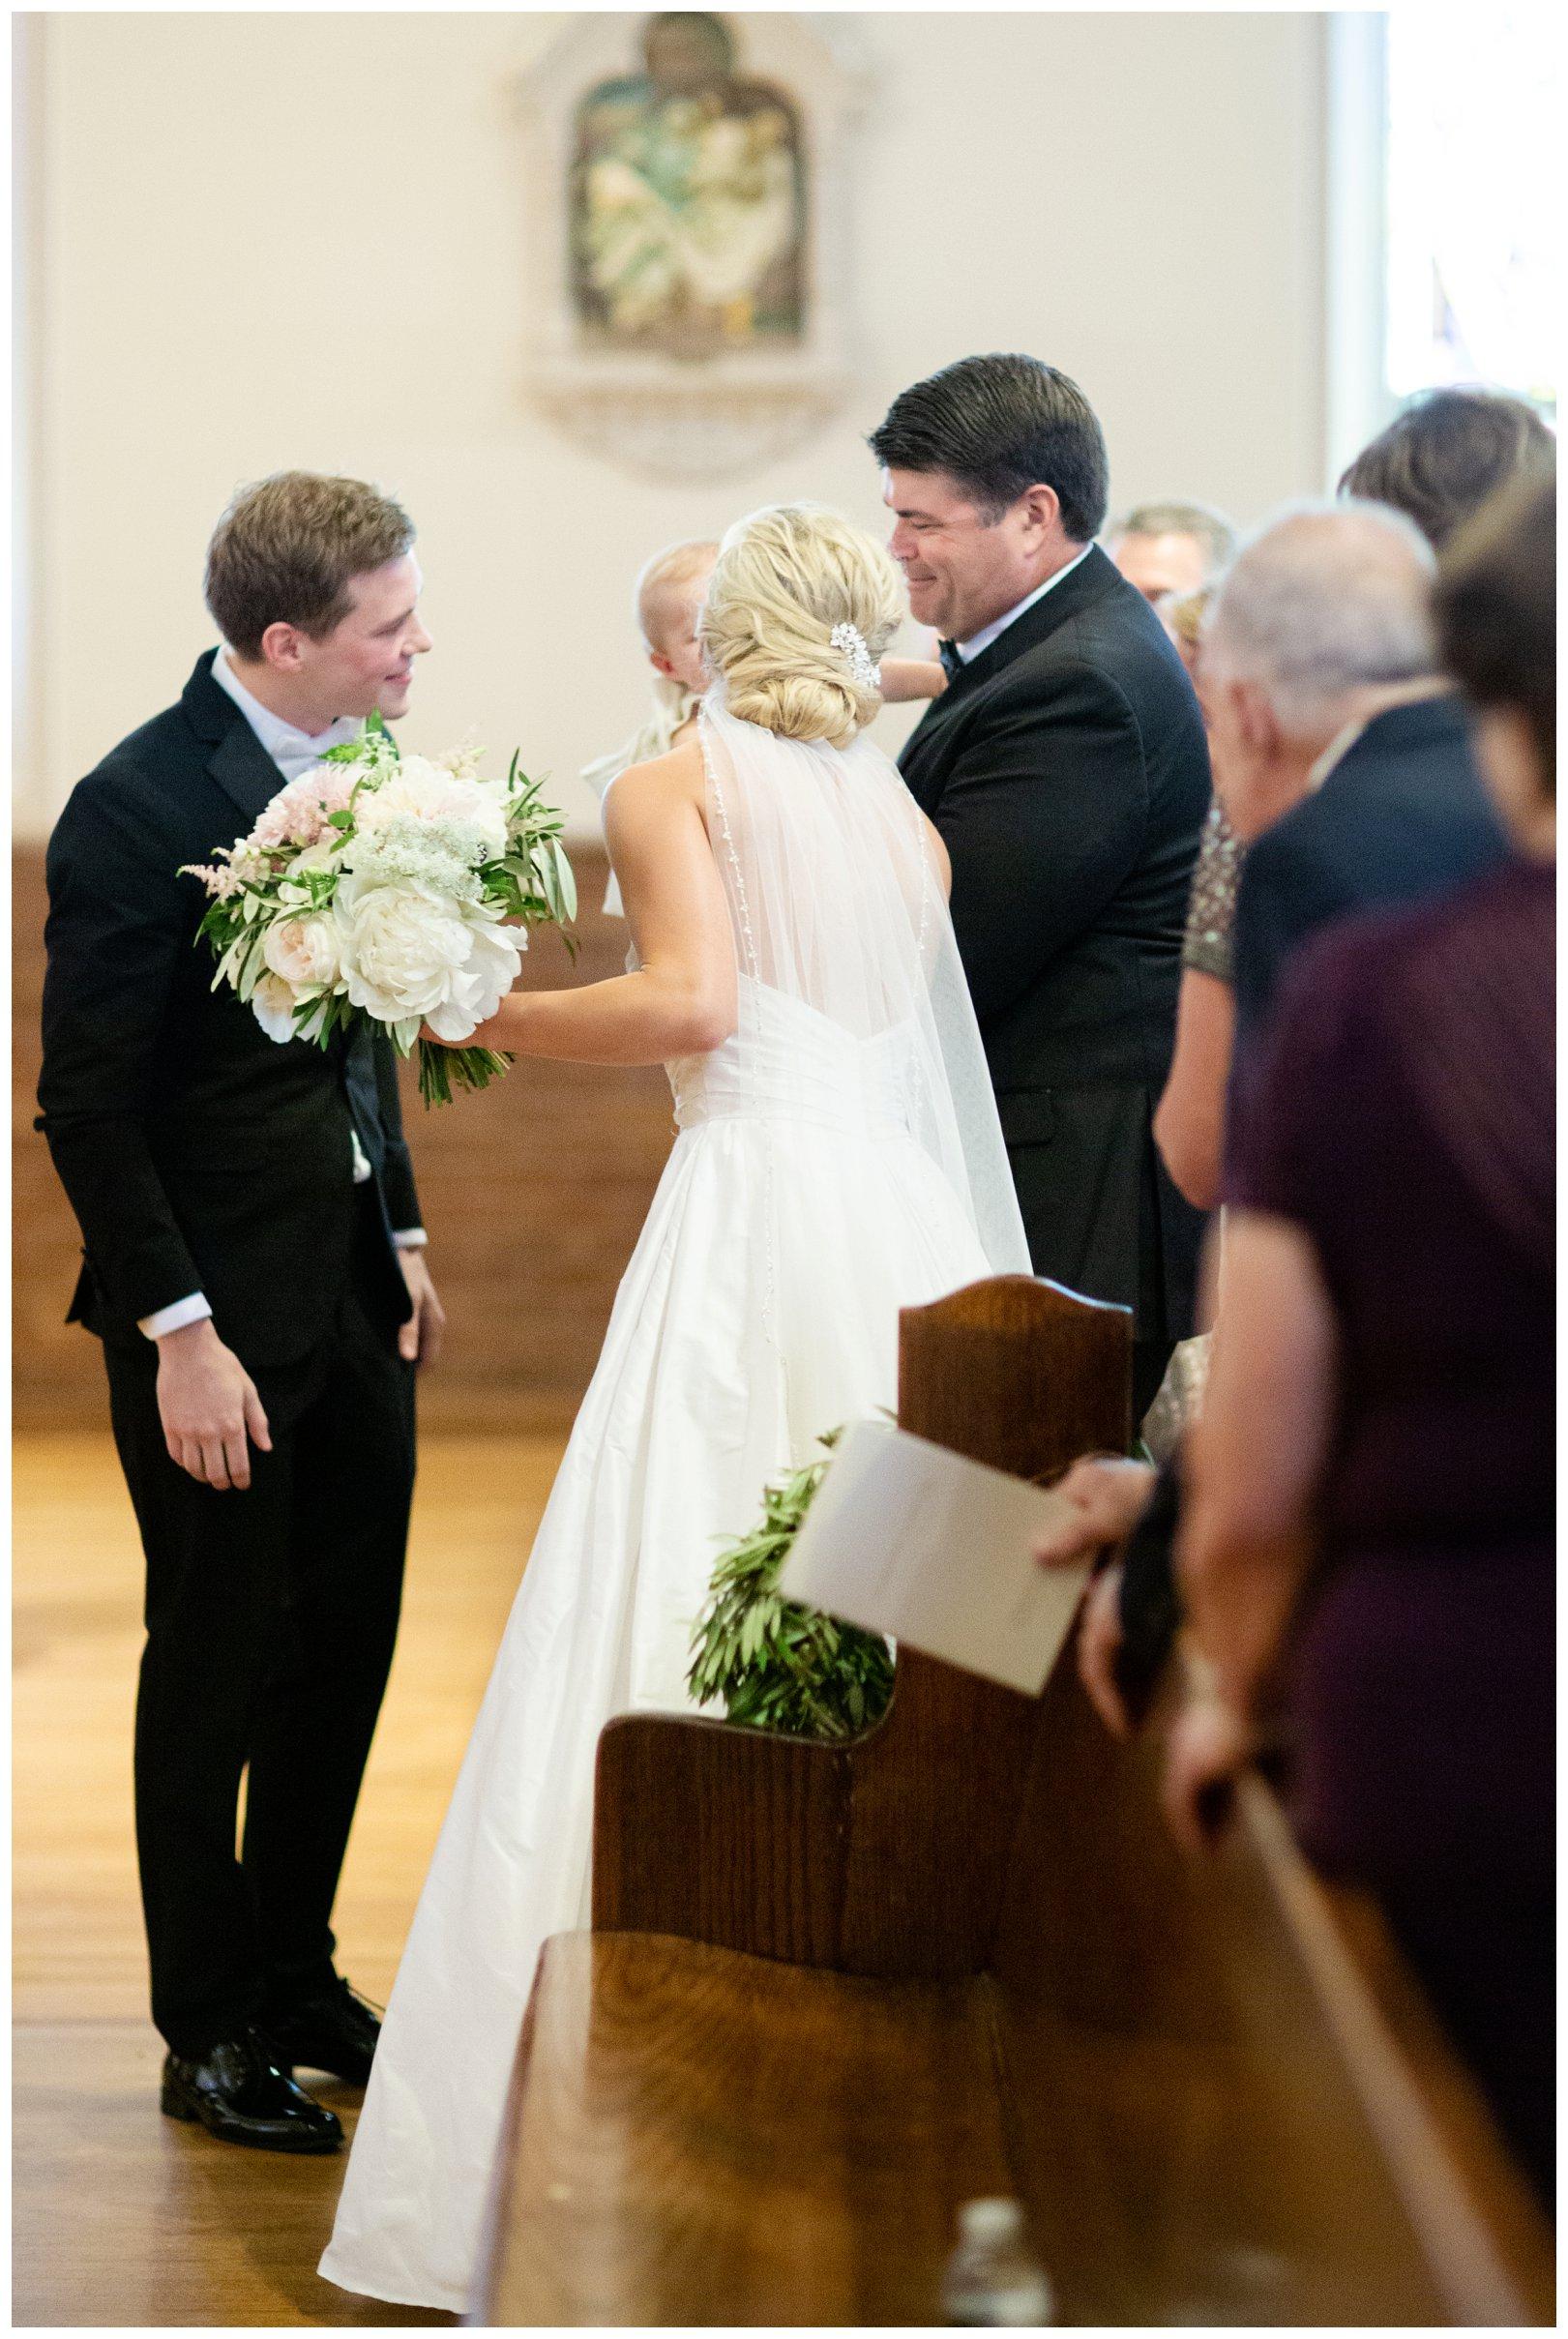 lauren muckler photography_fine art film wedding photography_st louis_photography_3527.jpg